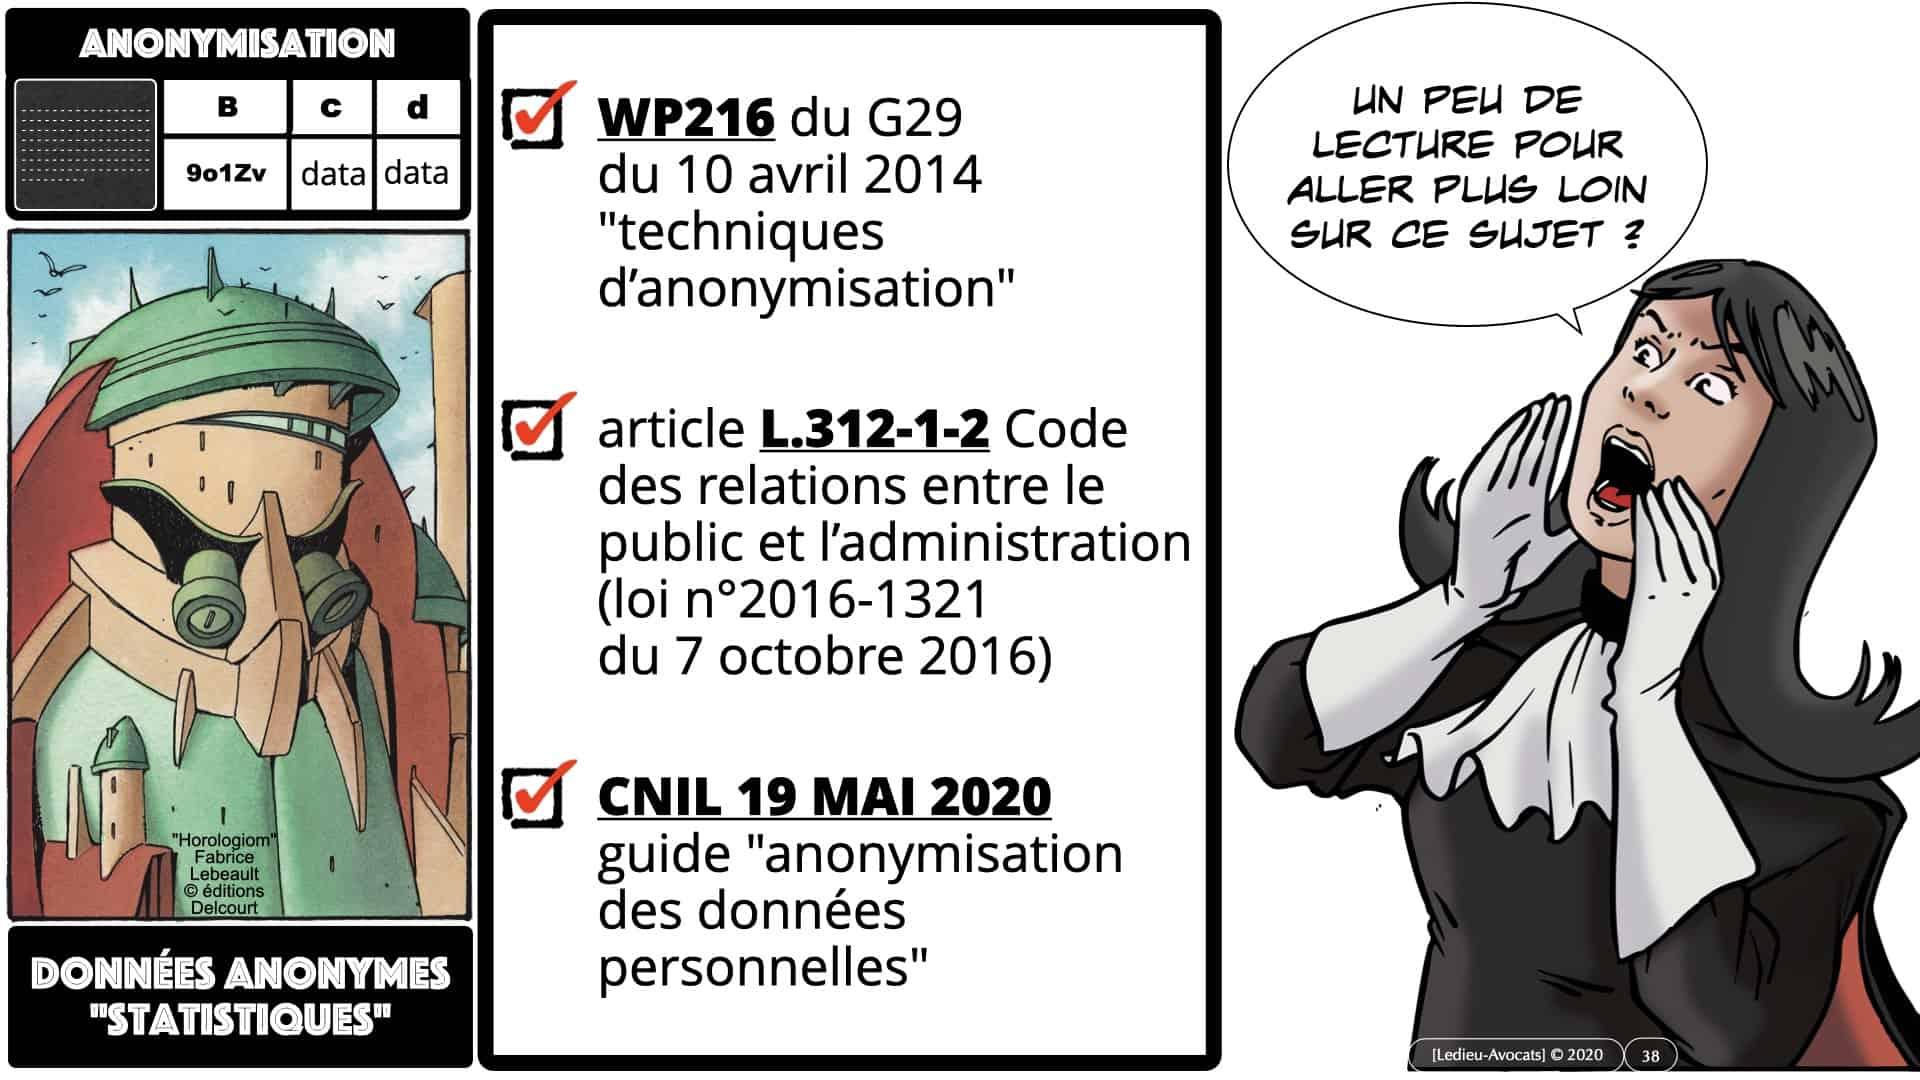 314 PRO BTP © Ledieu-avocat 03-12-2020.038